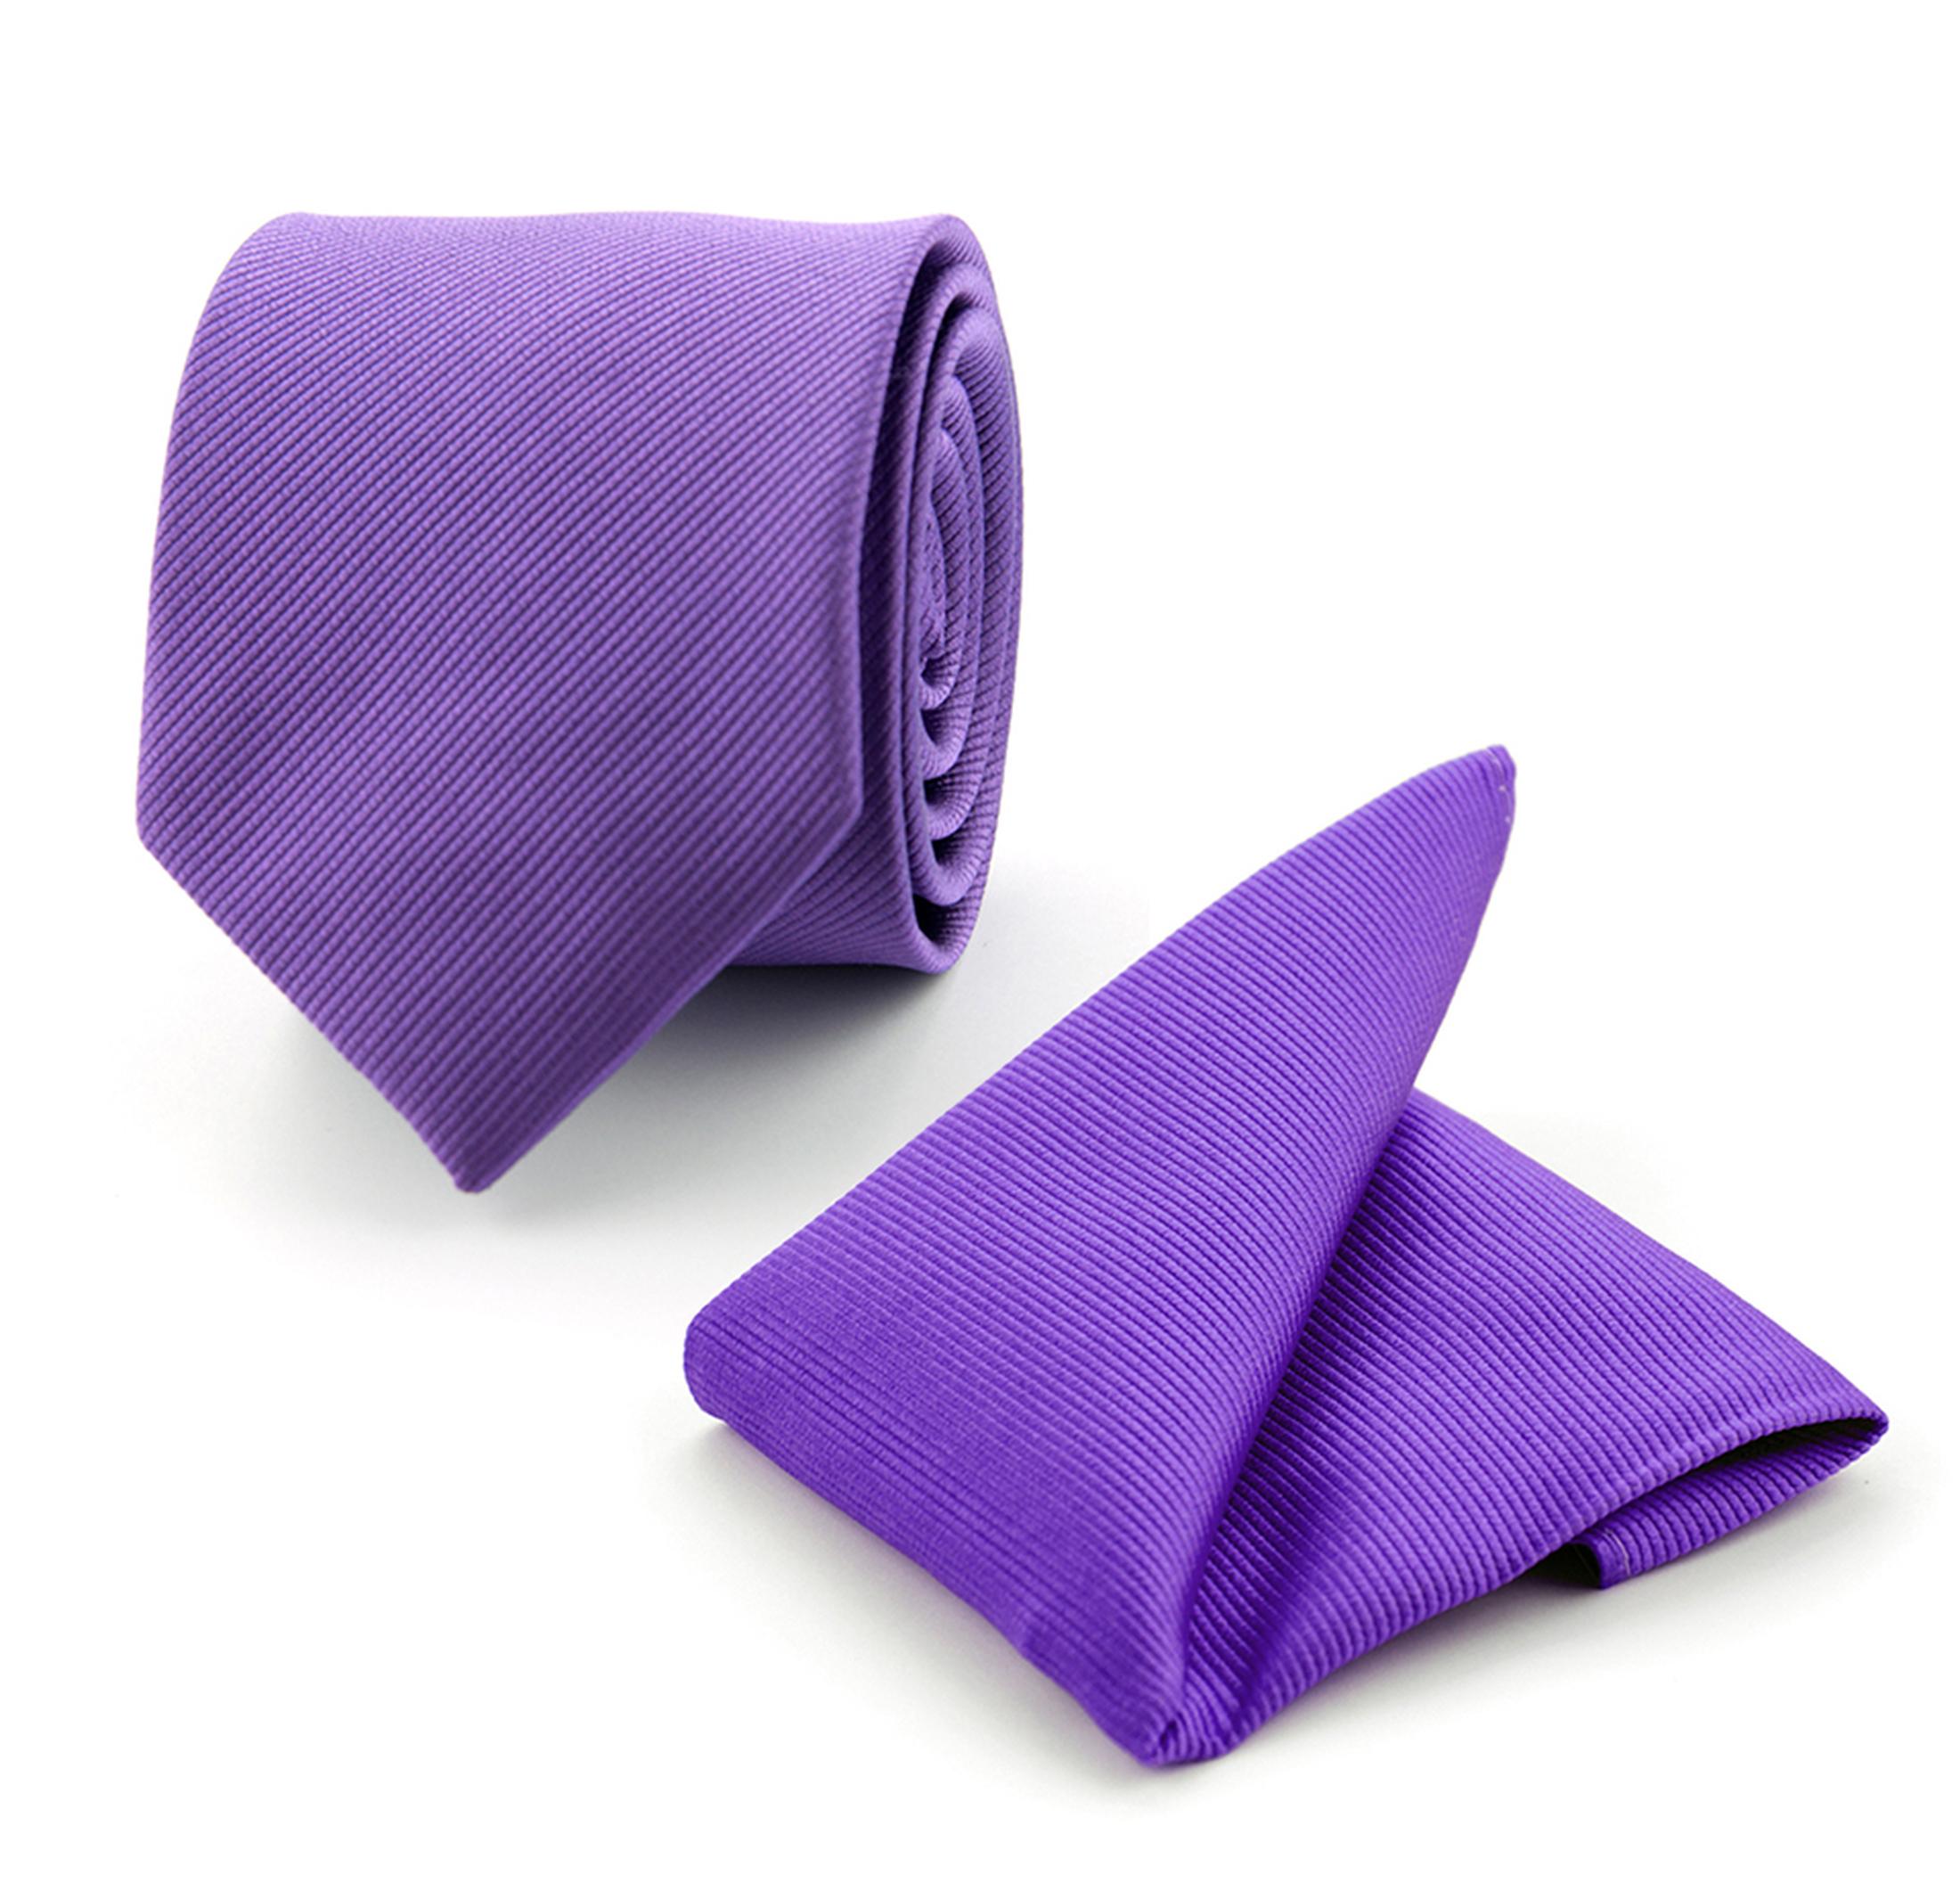 krawatte und einstecktuch set seide lila f30. Black Bedroom Furniture Sets. Home Design Ideas